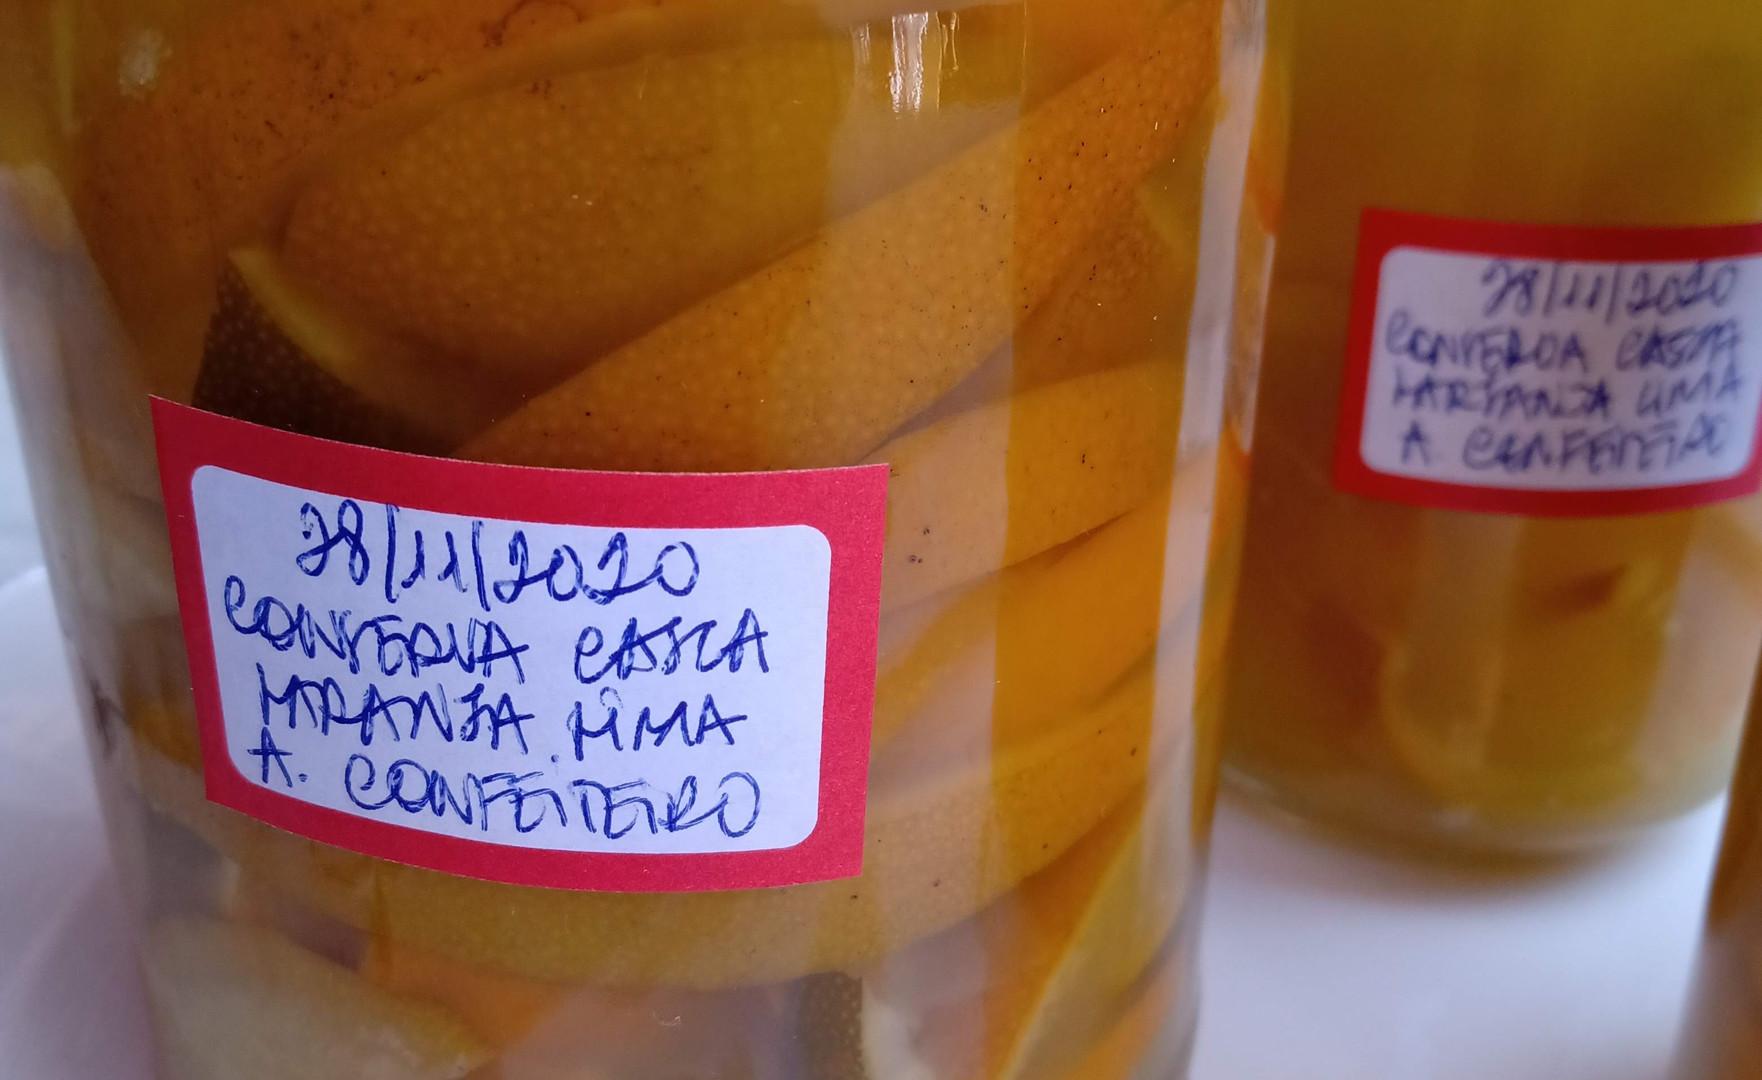 Conserva | Casca de laranja lima